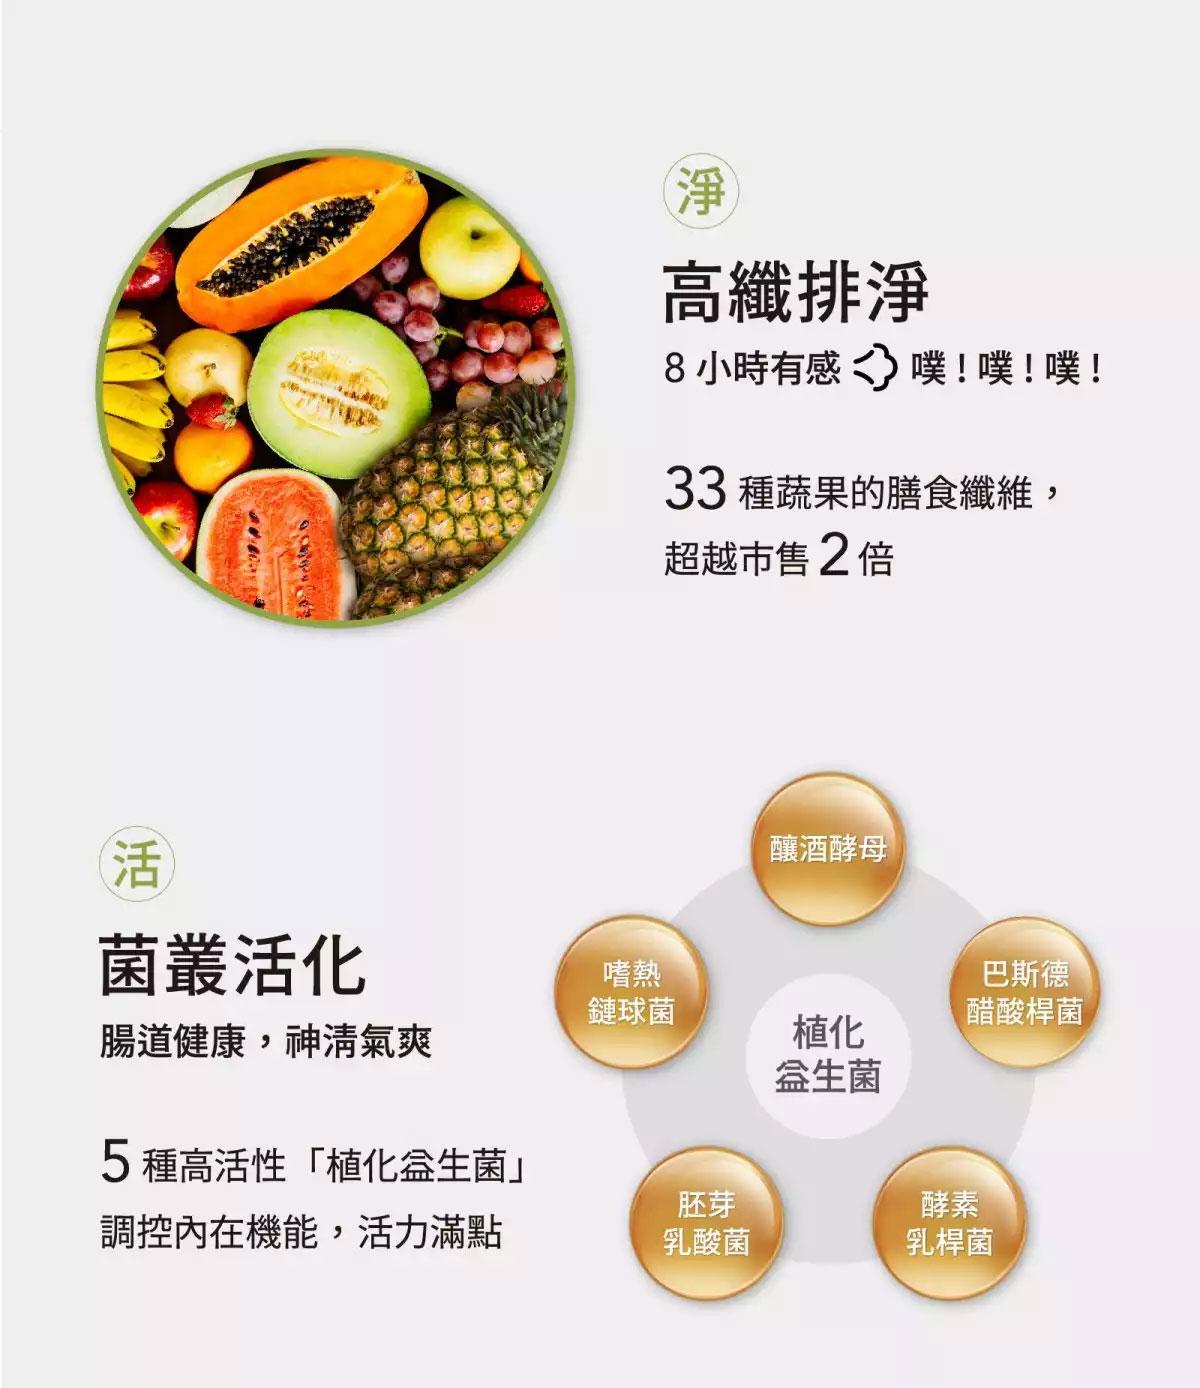 日本零號生酵素-101綜合蔬果酵素-100萬高濃度SOD-排空歸零養顏美容-大便更乾淨活出美麗人生